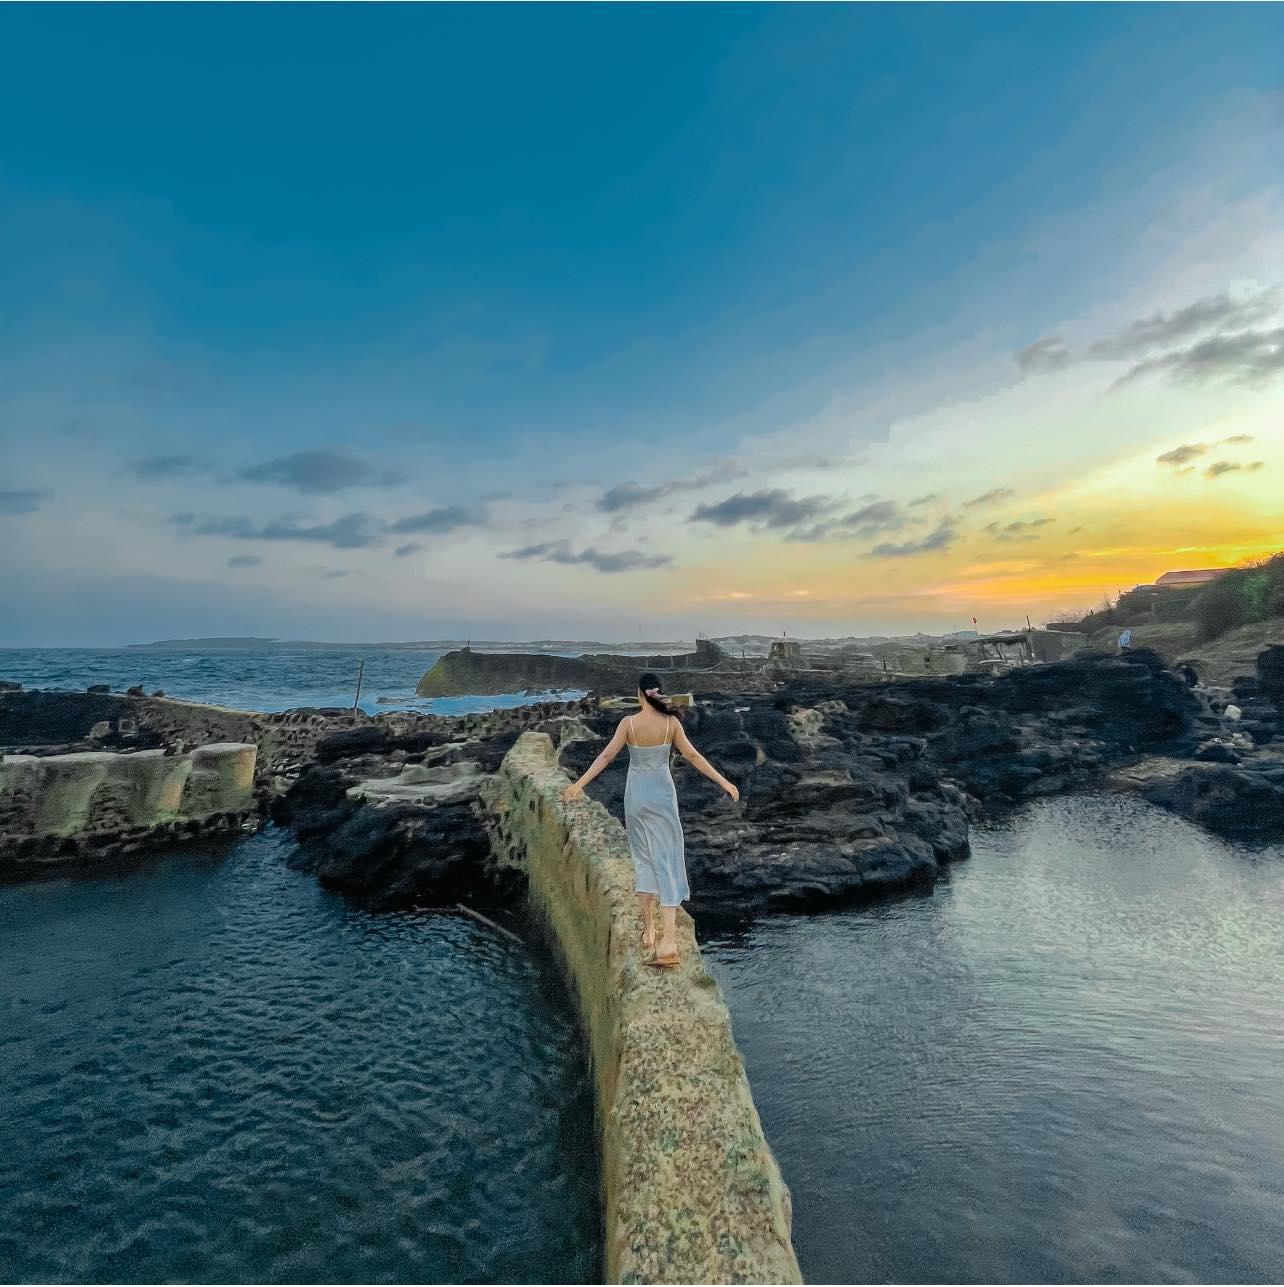 Vẻ đẹp hoang sơ ở đảo Phú Quý. Hình: Tiểu Trúc